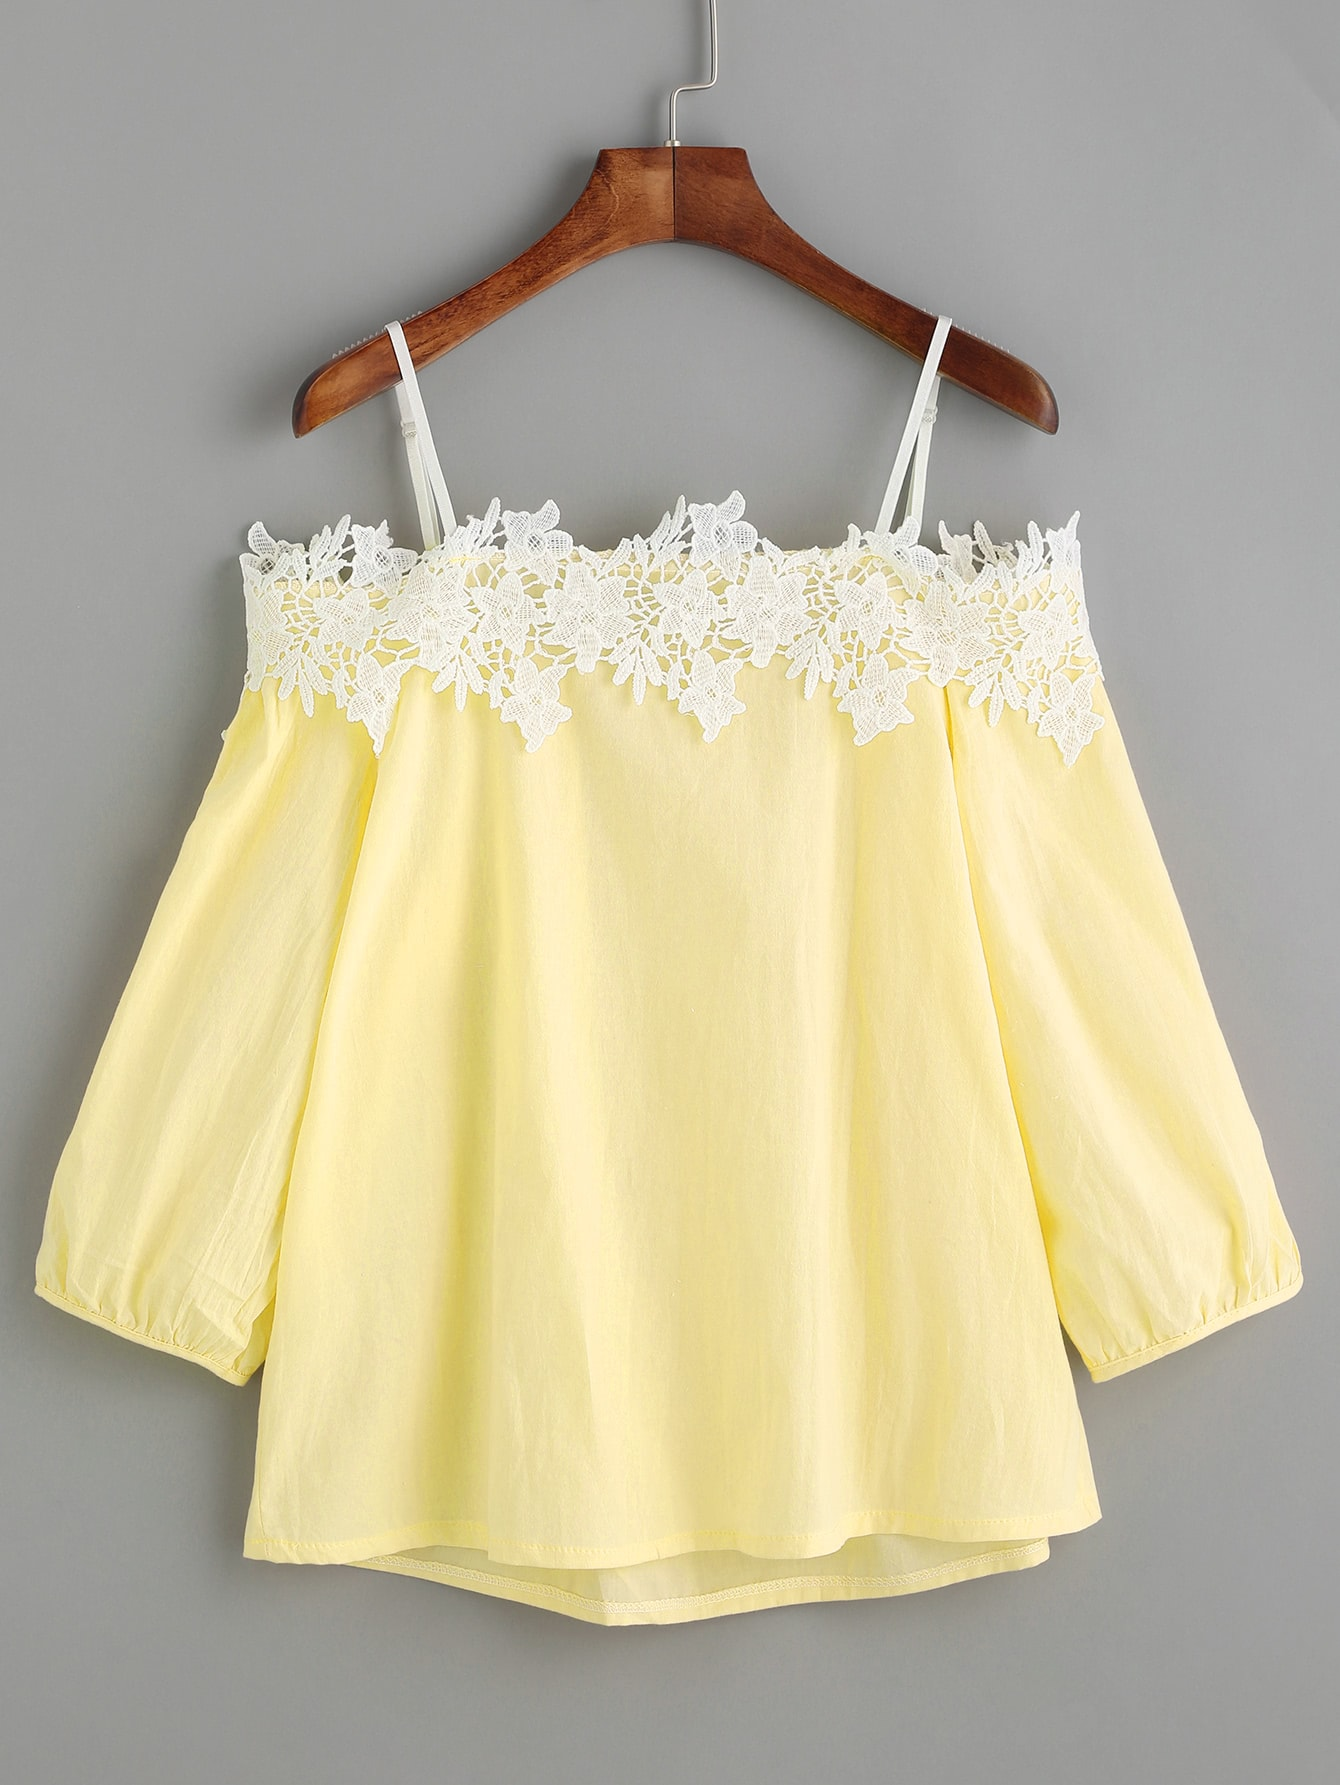 Yellow Cold Shoulder Appliques Top blouse170222103